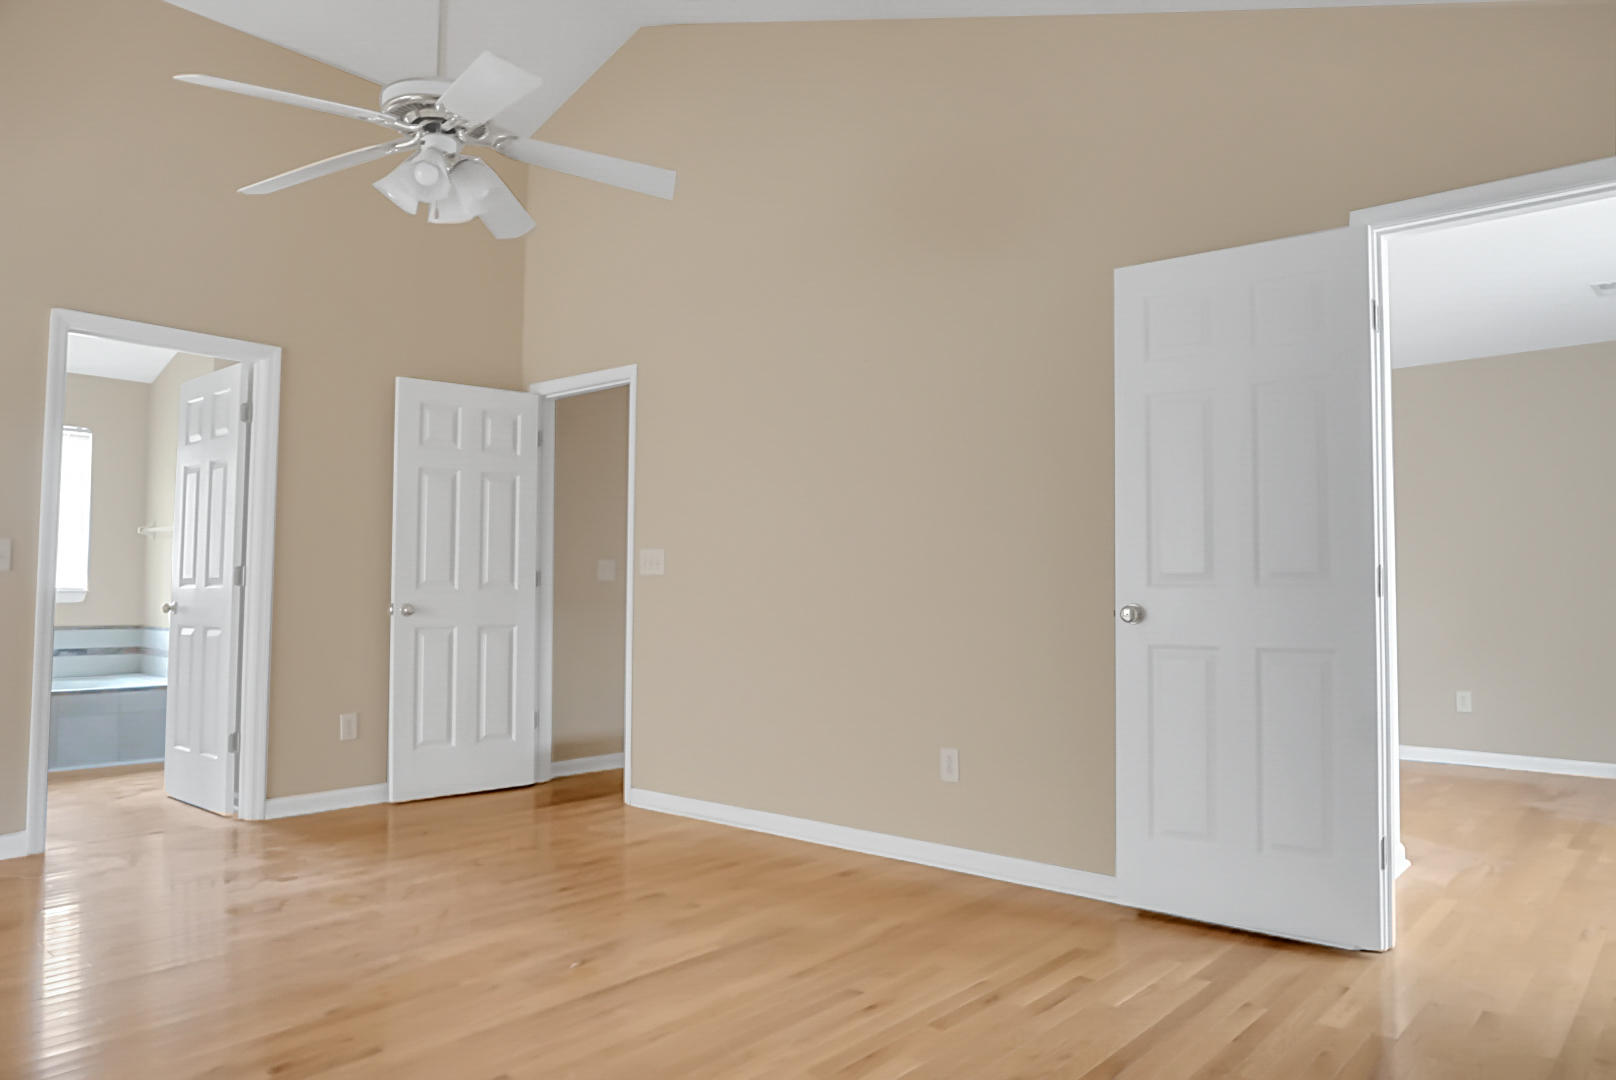 Dunes West Homes For Sale - 3209 Carmel Bay, Mount Pleasant, SC - 0